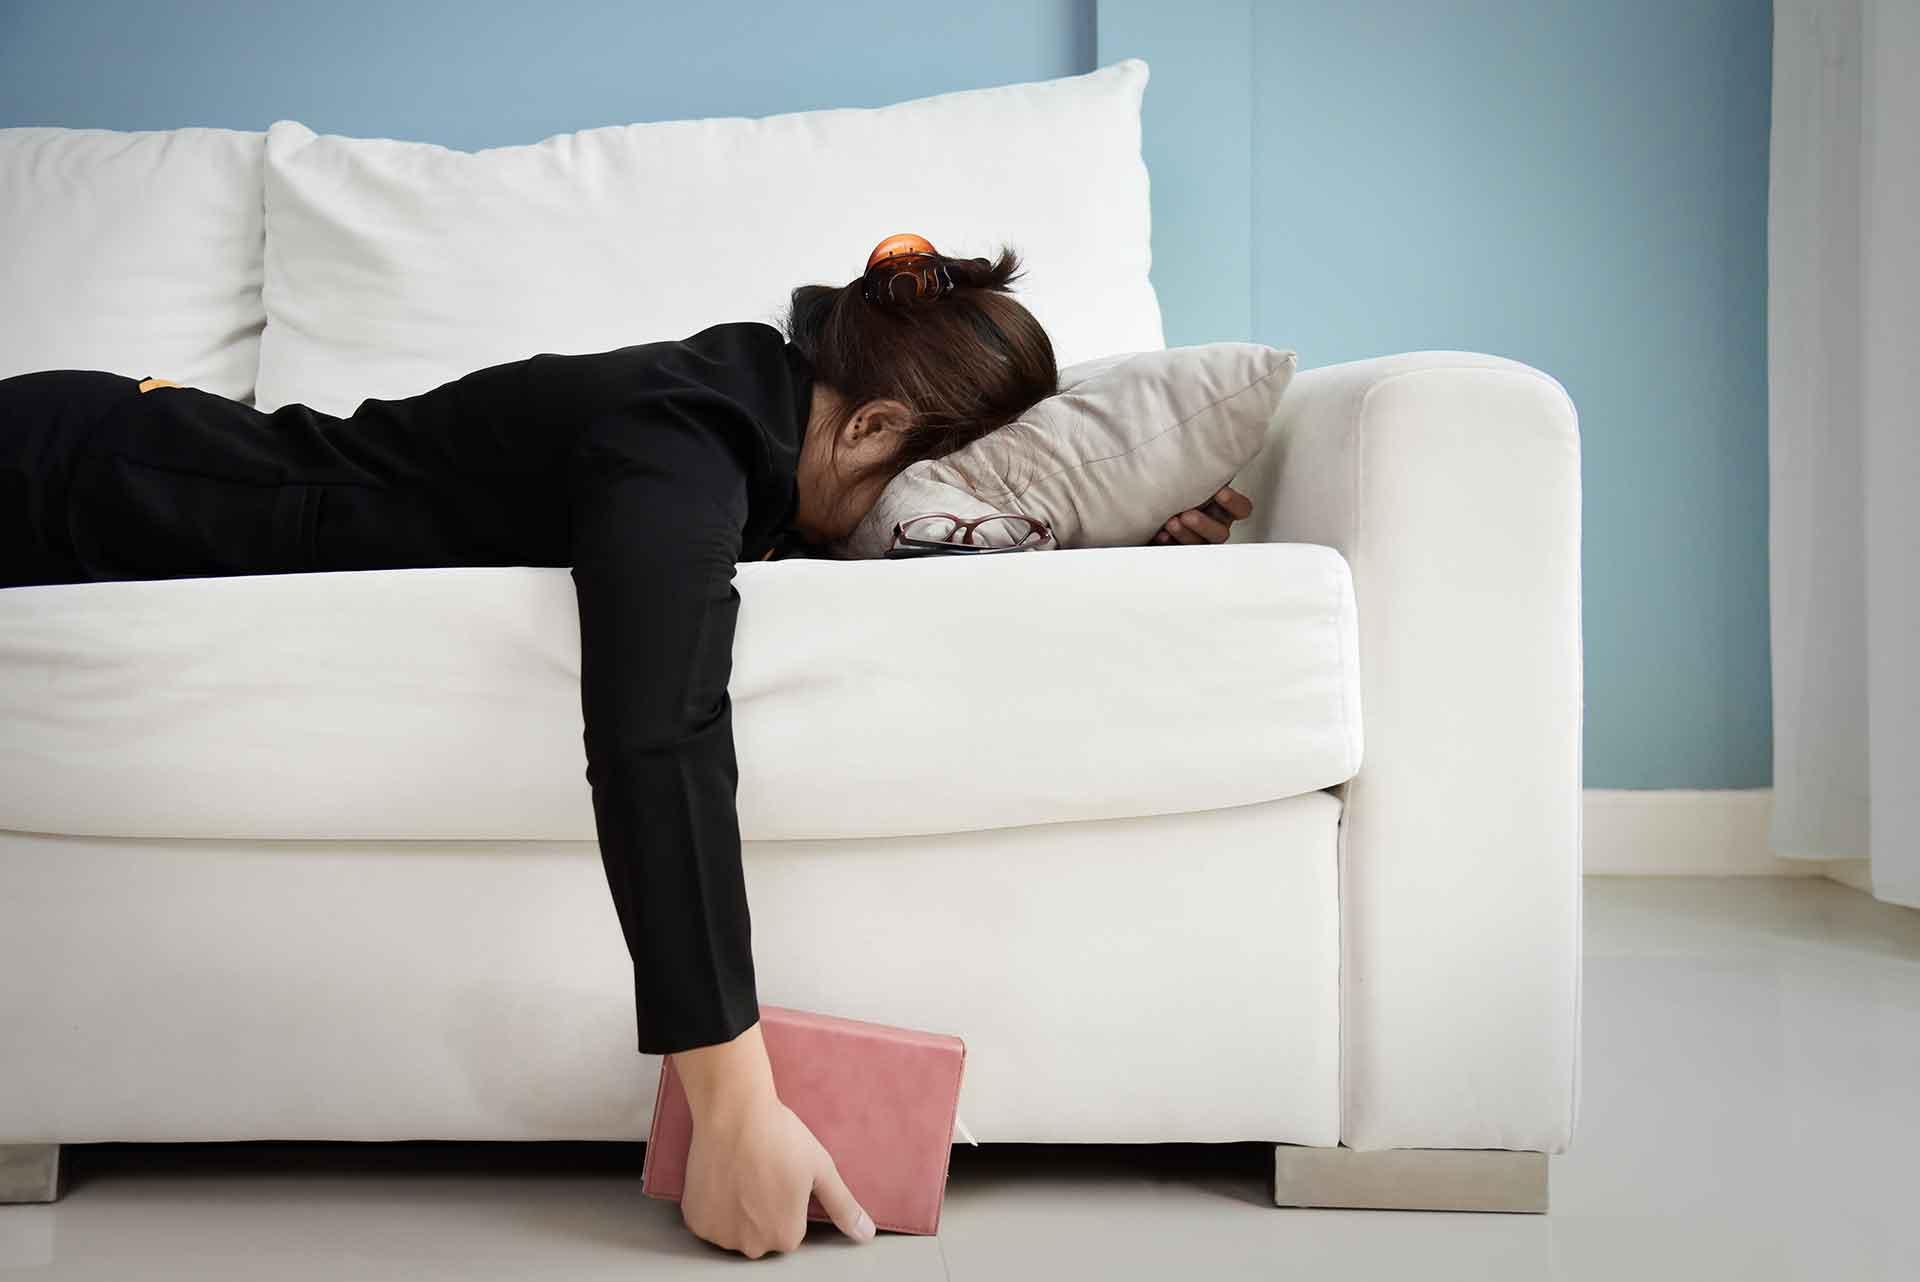 Kvinne med utmattelses- og tretthetsreaksjoner